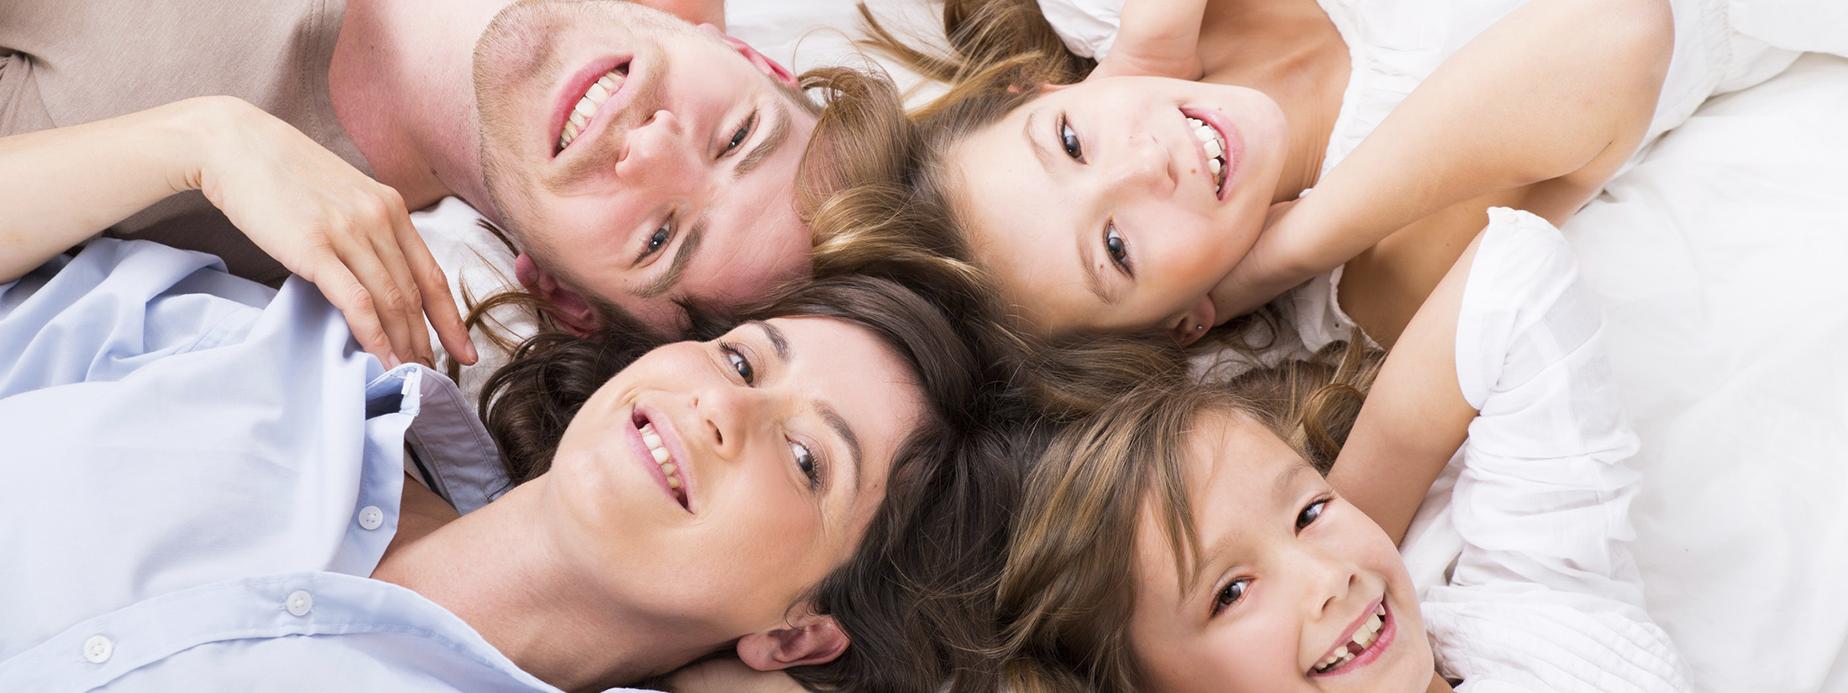 famille couchée sur le sol